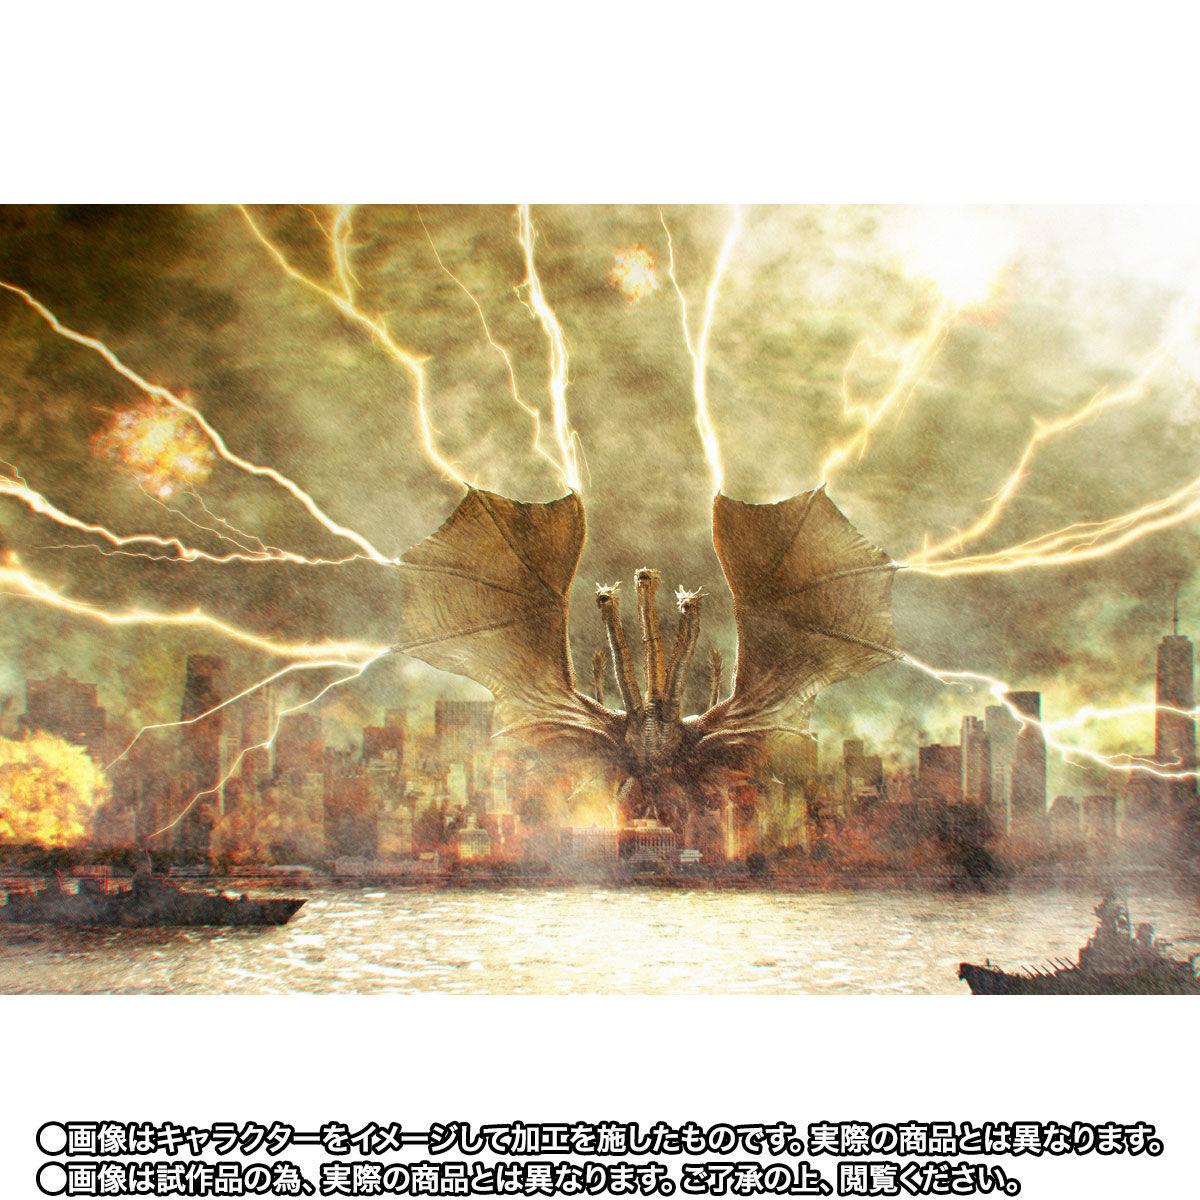 【限定販売】S.H.MonsterArts『キングギドラ(2019)Special Color Ver.』ゴジラ キング・オブ・モンスターズ 可動フィギュア-007